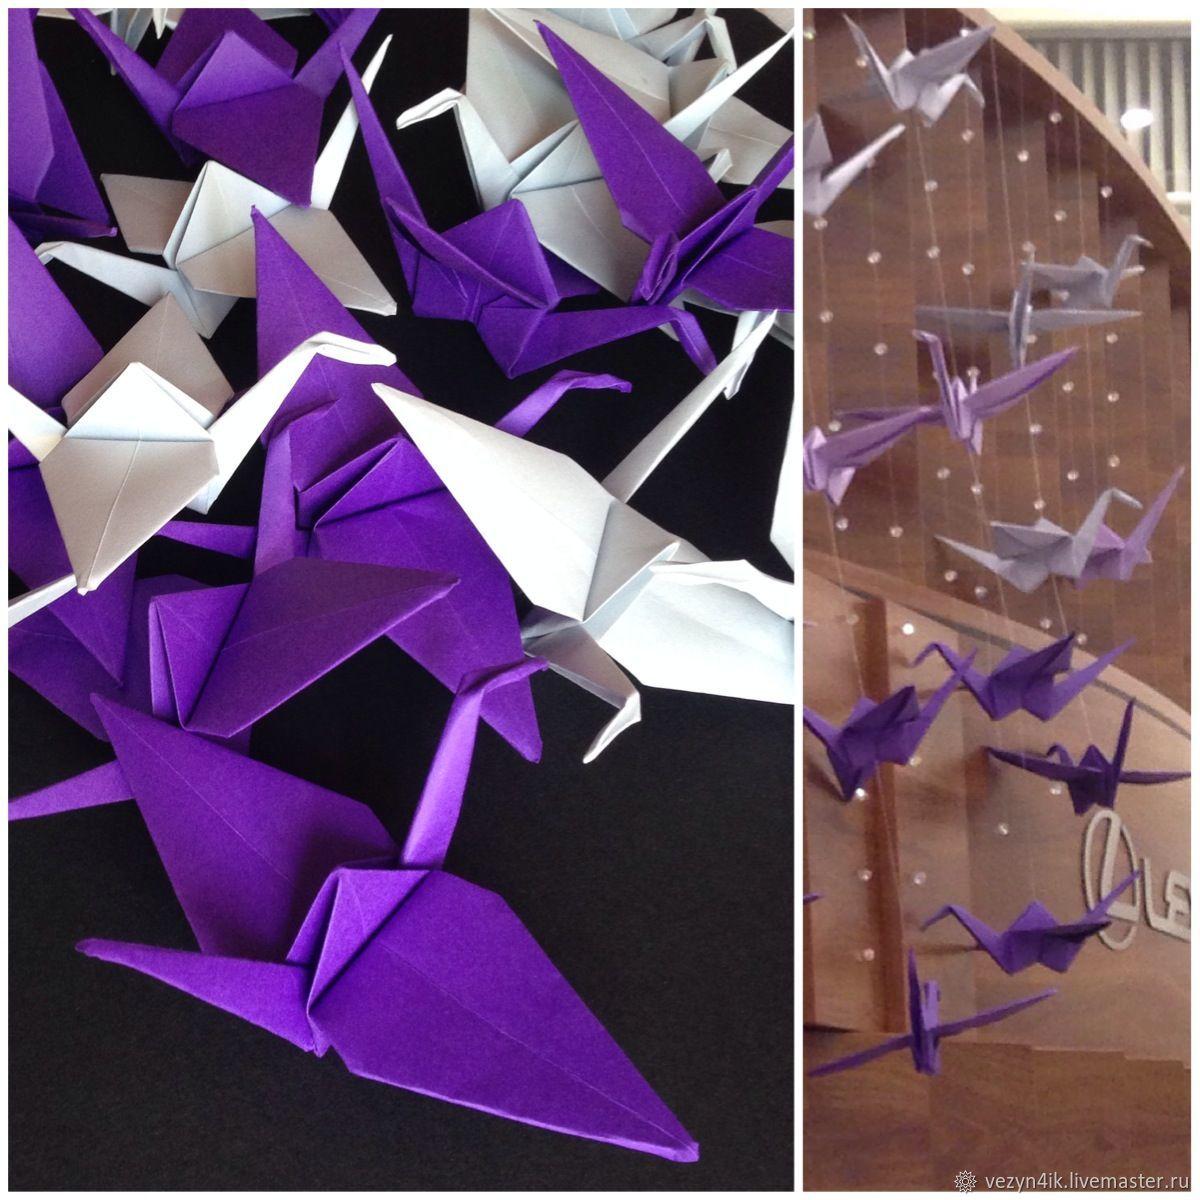 Праздничная атрибутика ручной работы. Ярмарка Мастеров - ручная работа. Купить Журавлики оригами на леске. Handmade. Разноцветный, оригами гирлянда